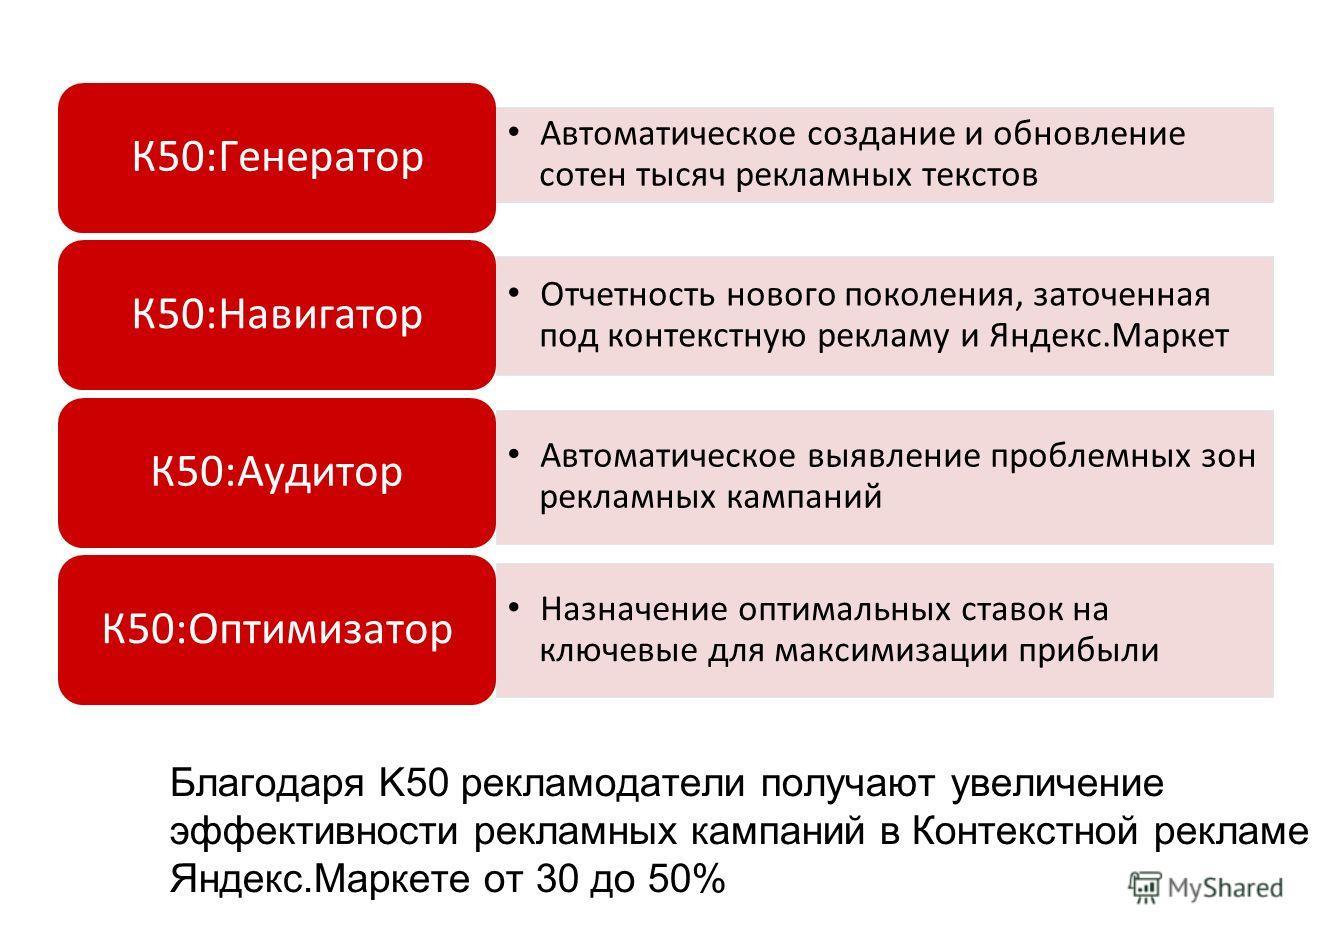 Автоматическое создание и обновление сотен тысяч рекламных текстов К50:Генератор Отчетность нового поколения, заточенная под контекстную рекламу и Яндекс.Маркет К50:Навигатор Автоматическое выявление проблемных зон рекламных кампаний К50:Аудитор Назн